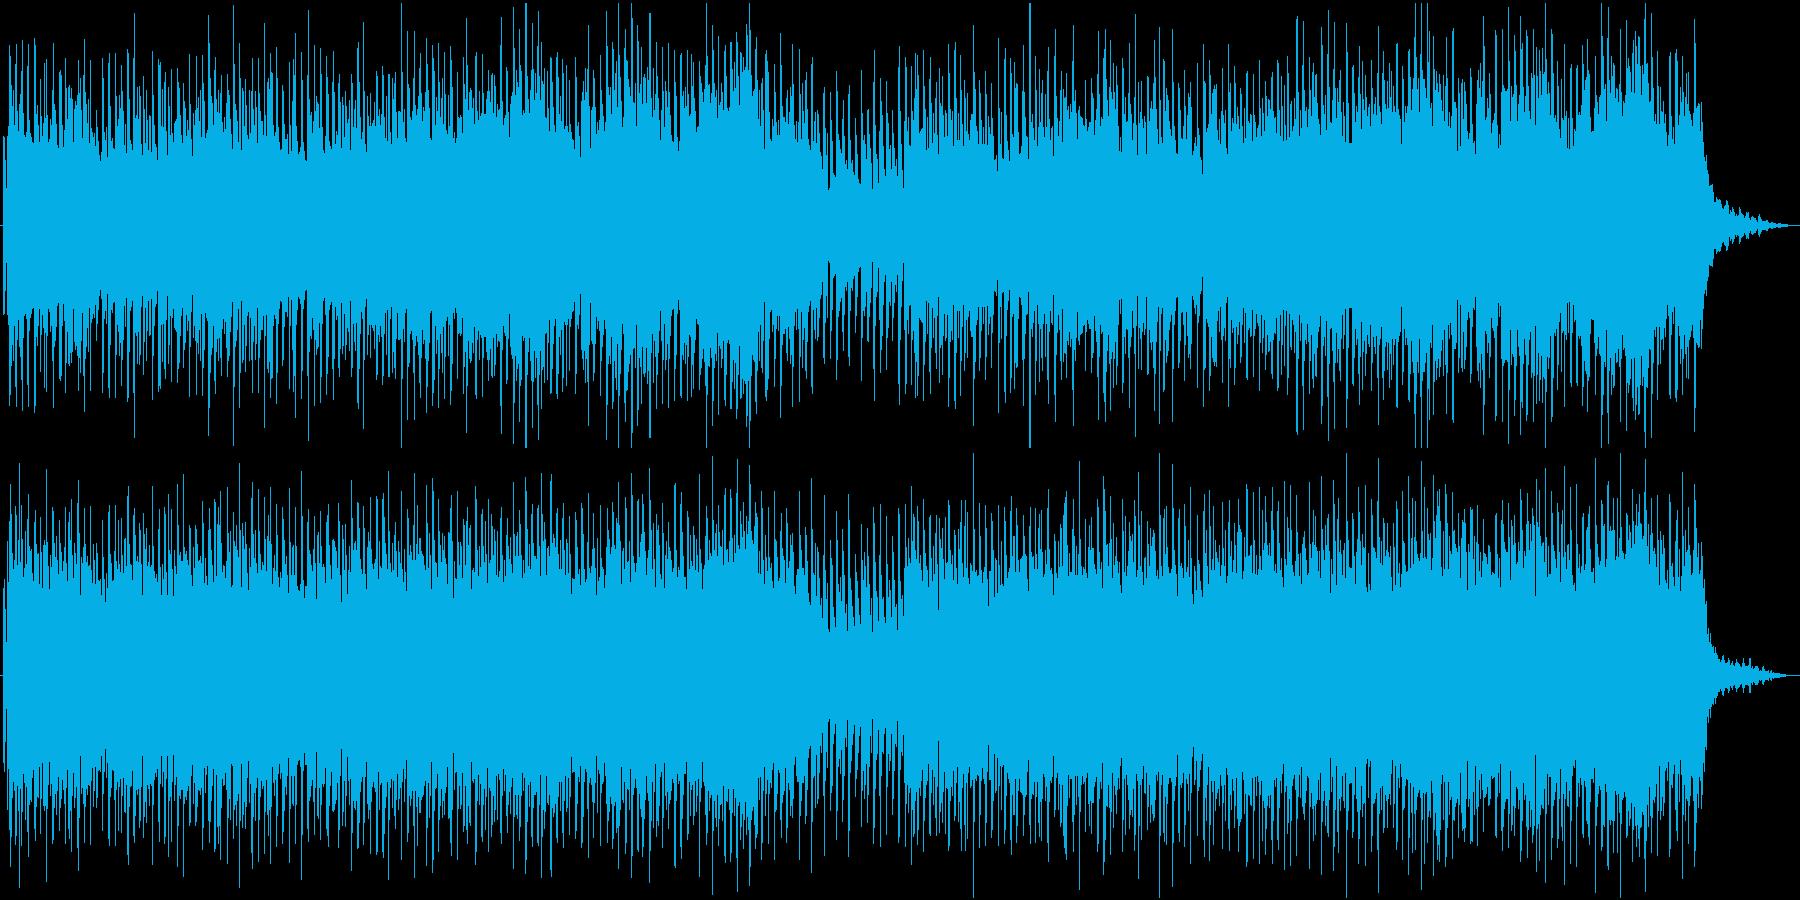 フレンチポップスのようなおしゃれな曲の再生済みの波形